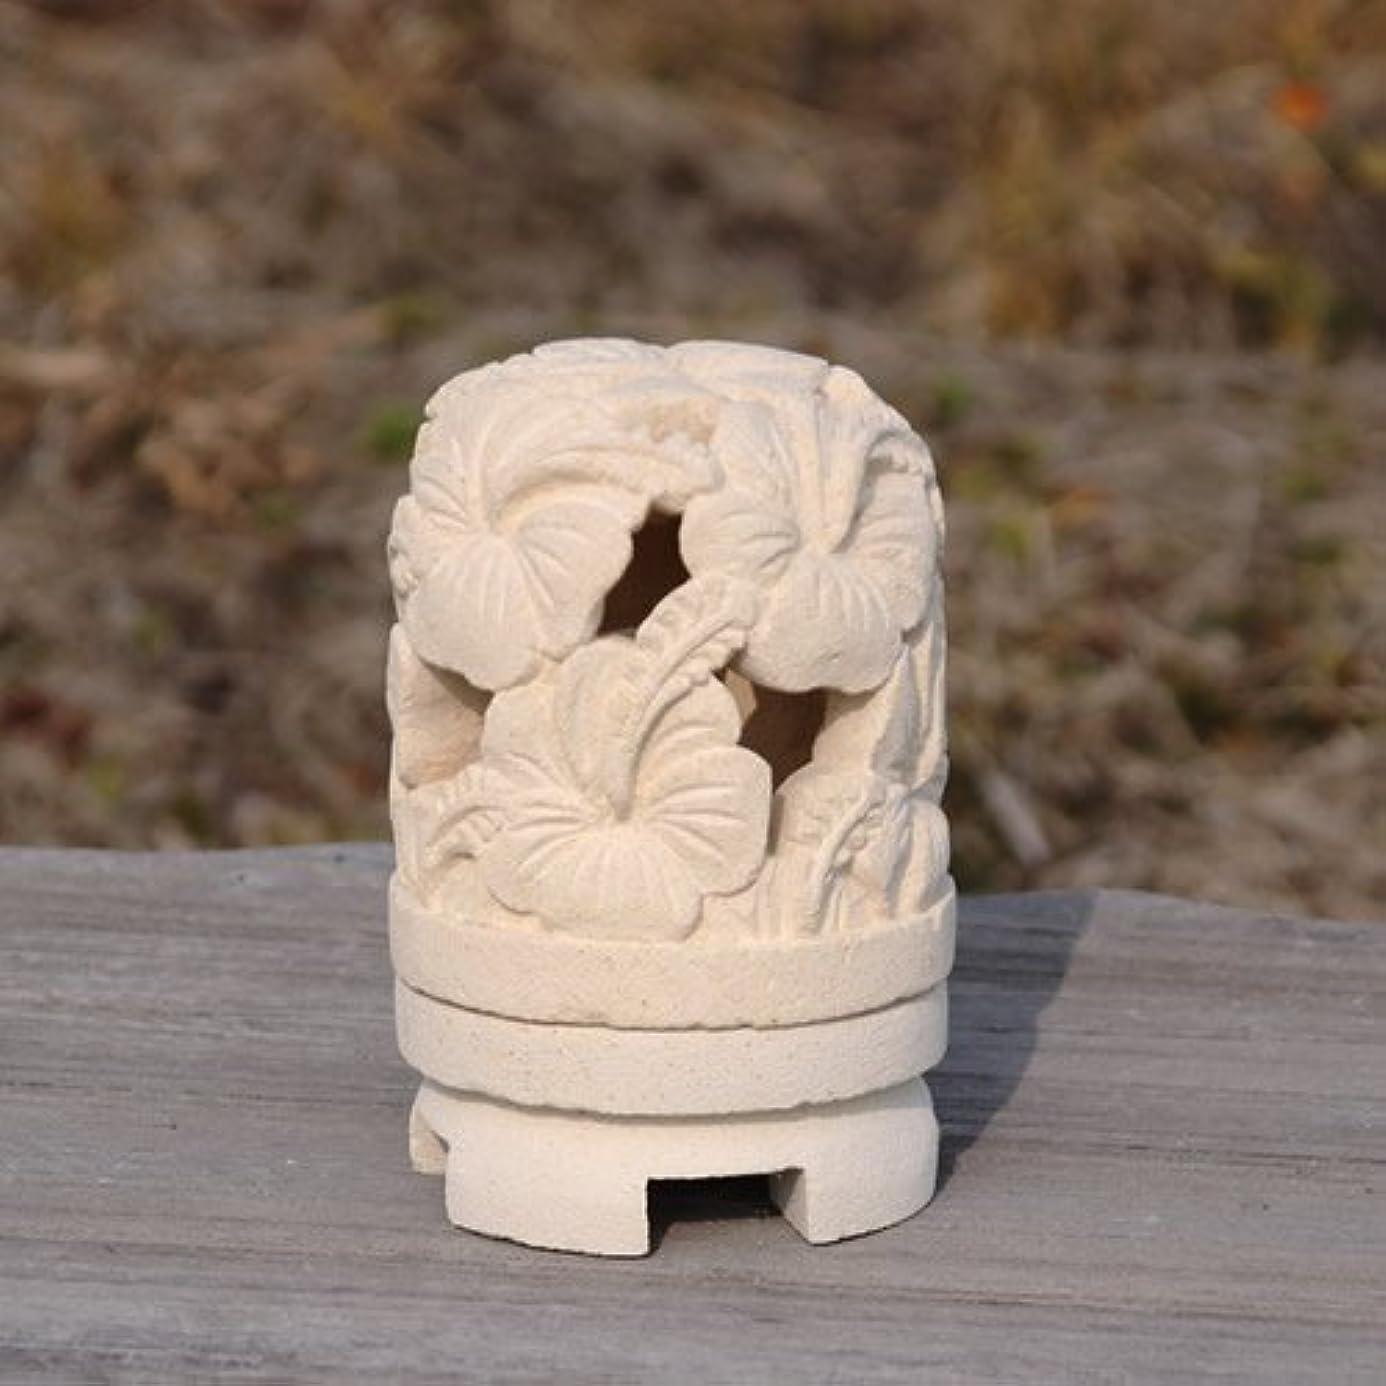 病気の平衡サスペンドライムストーンで出来たハンドメイドの丸いキャンドルホルダー (タイプB(ハイビスカス))